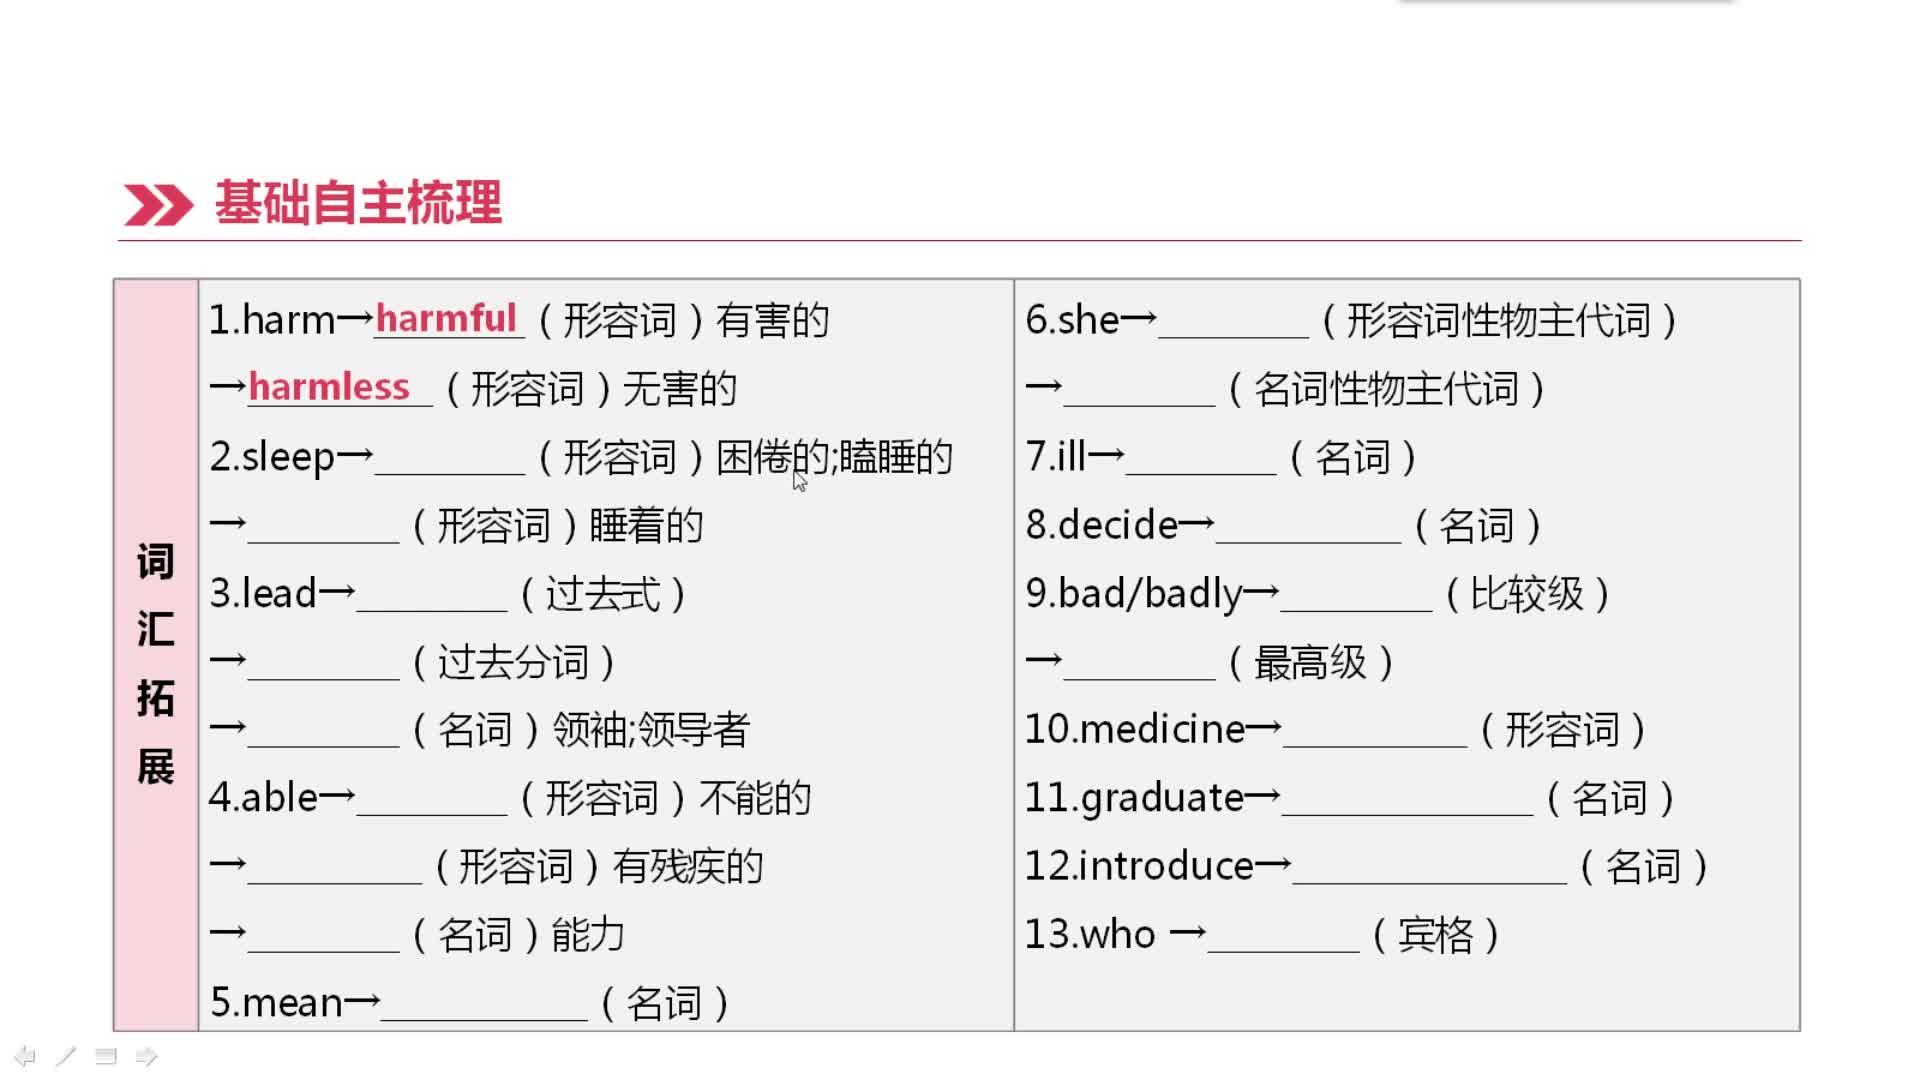 冀教版 九年级英语 第13课时 Unit 1-2(九全)-视频微课堂